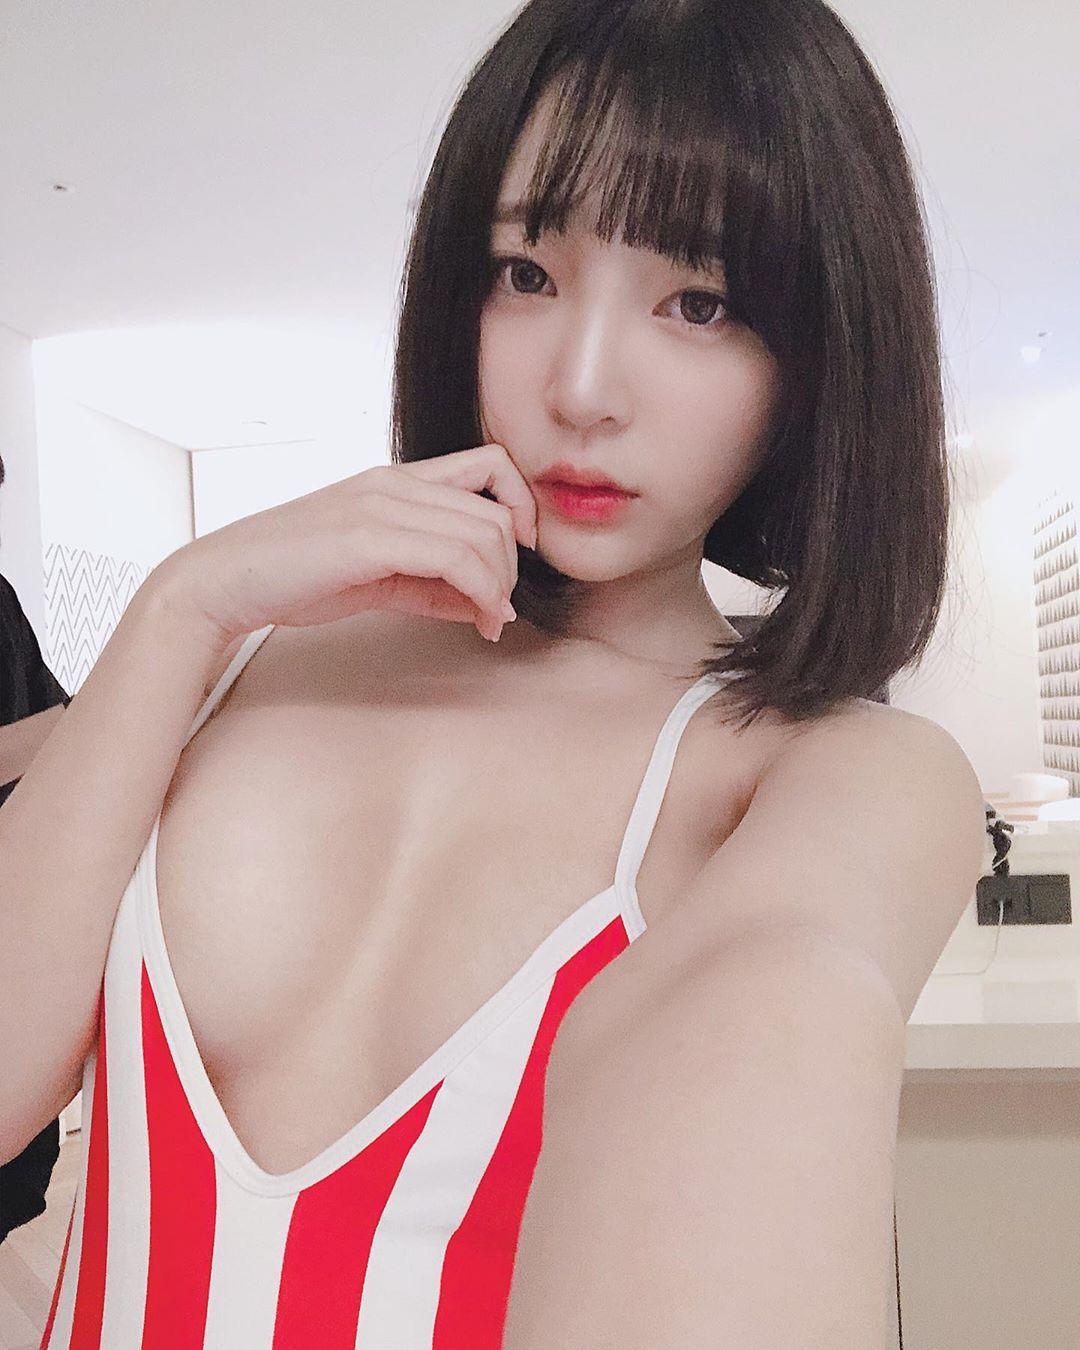 韓國纖腰爆乳網紅「강인경」繃乳T恤曬奶辣度破表 超軟嫩「核彈奶」大到衣服齁不住, 網路正妹美女分享